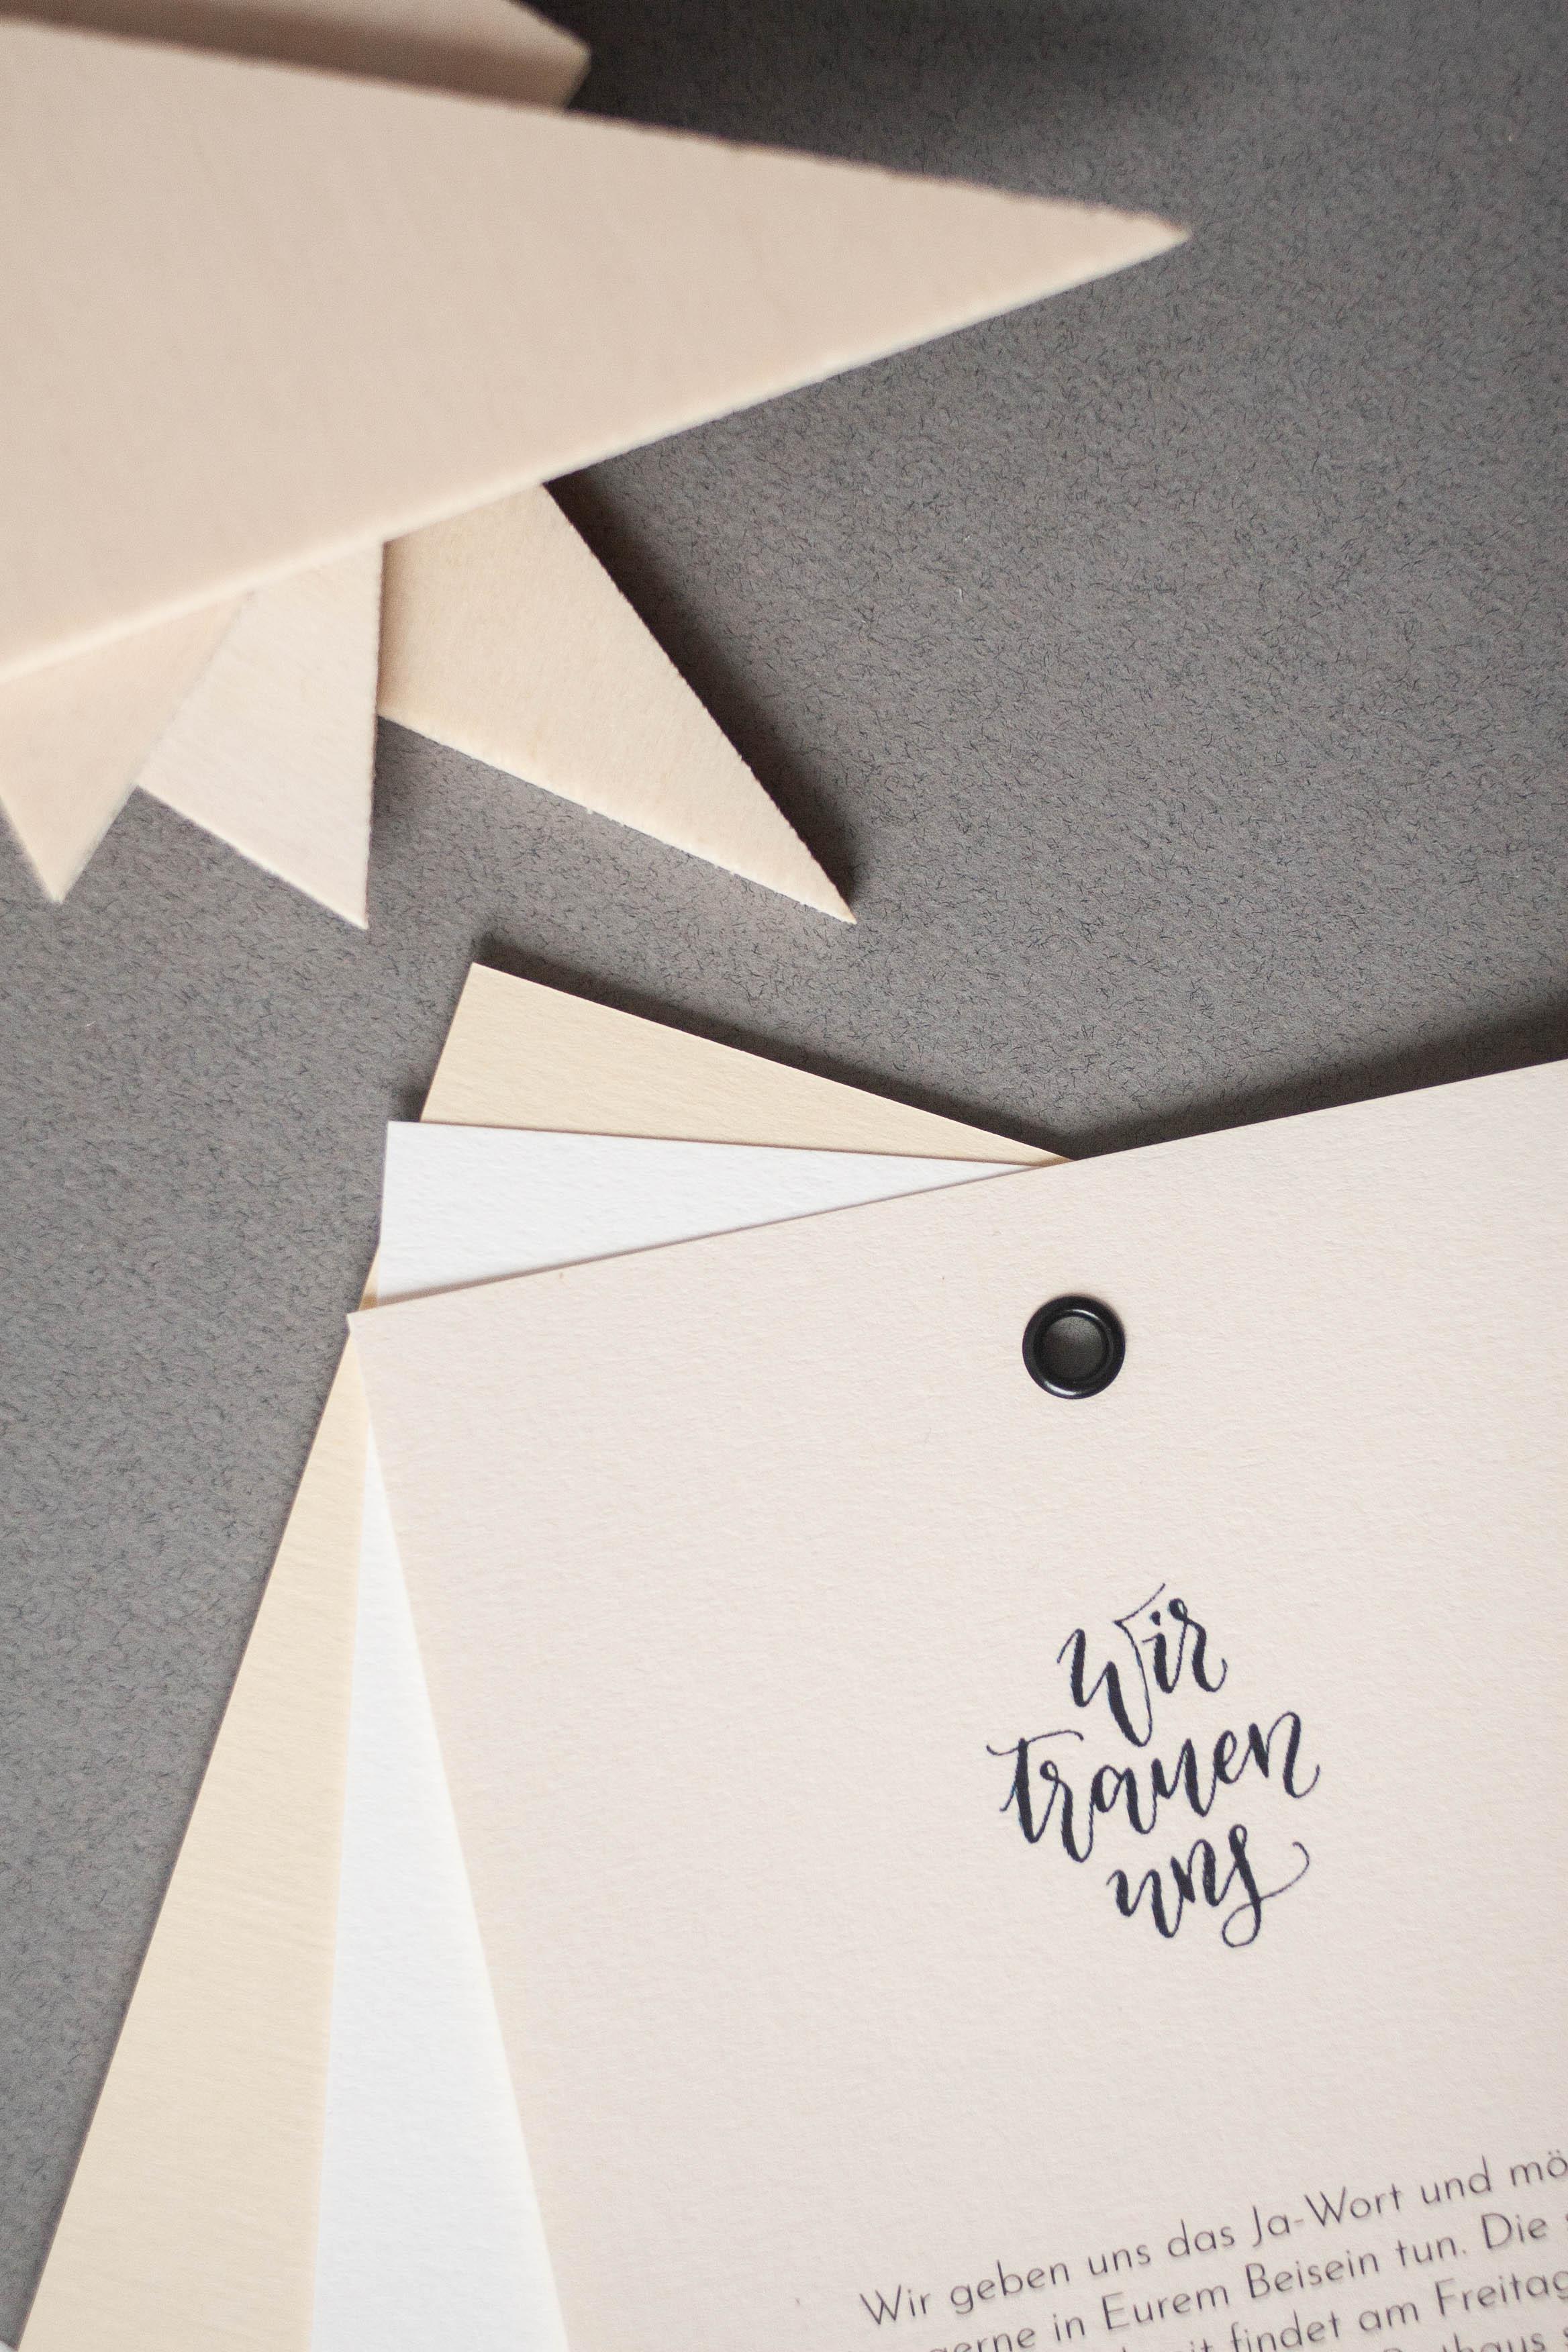 Hochzeitspapeterie selbst machen: wir trauen uns